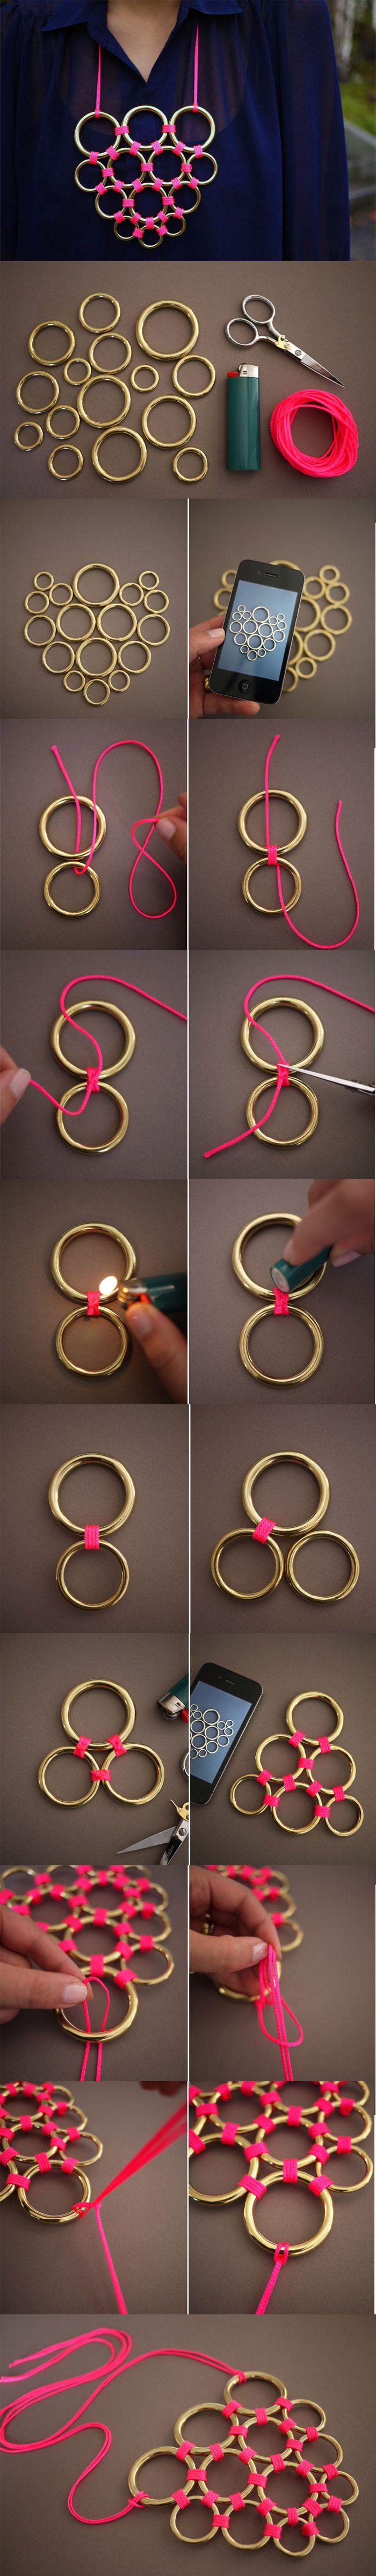 #DIY #NecklaceIdeas